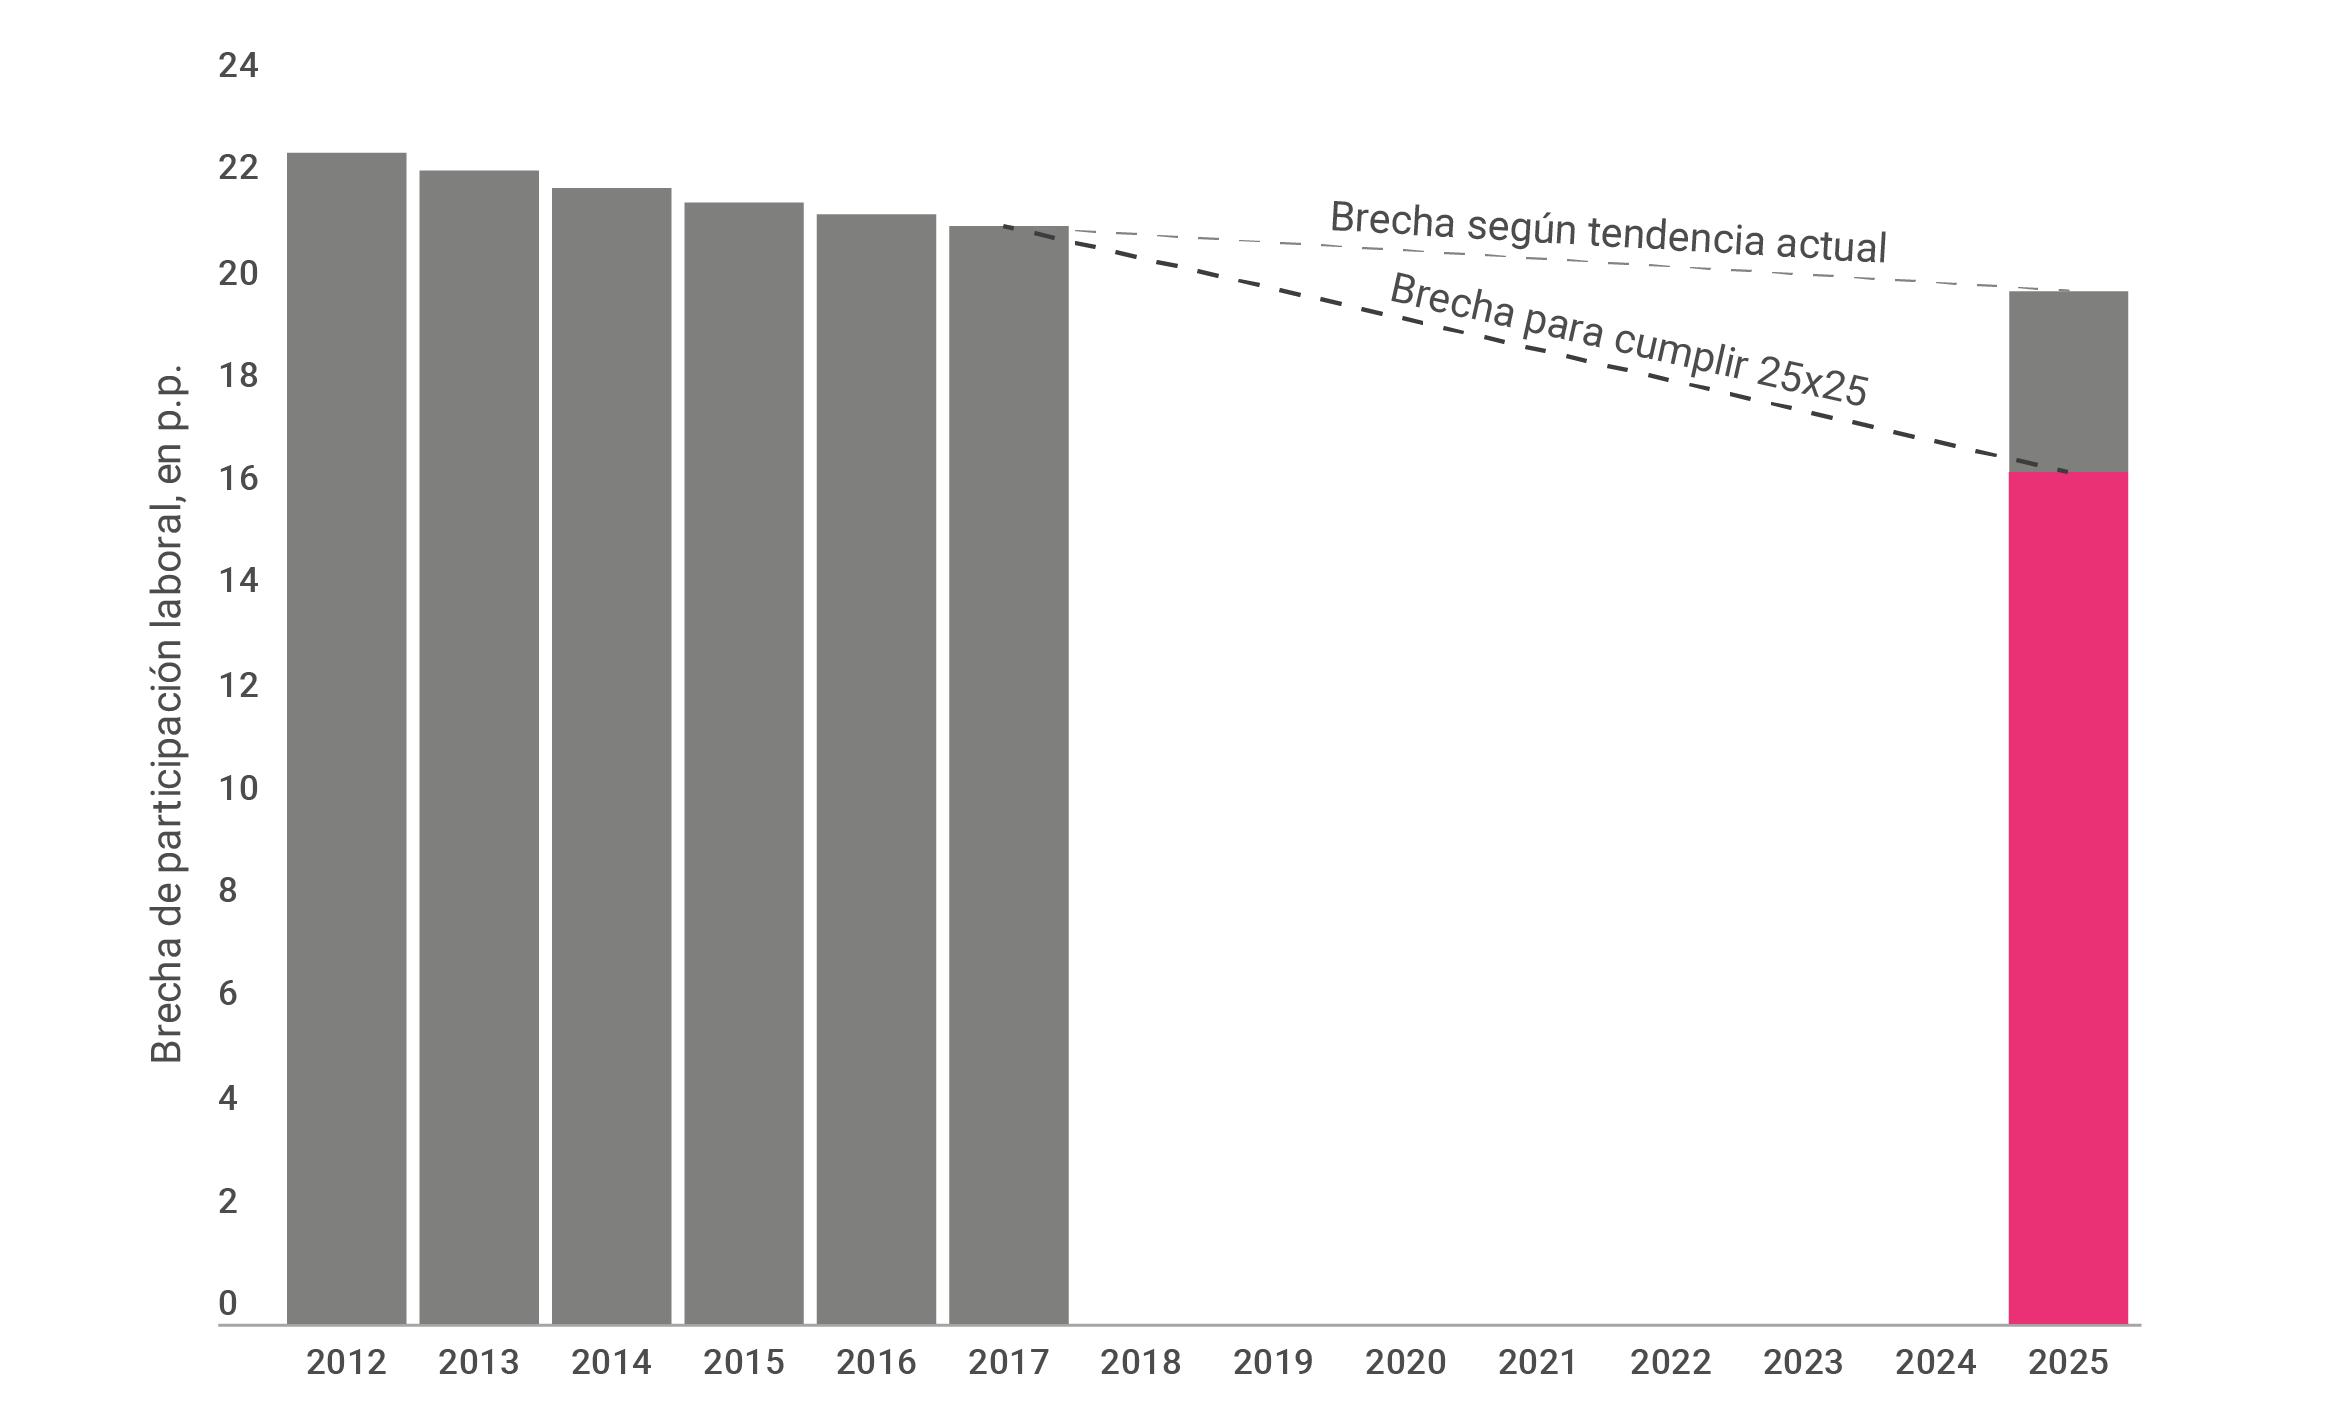 Gráfico sobre la brecha de participación laboral entre varones y mujeres, sobre el total país.